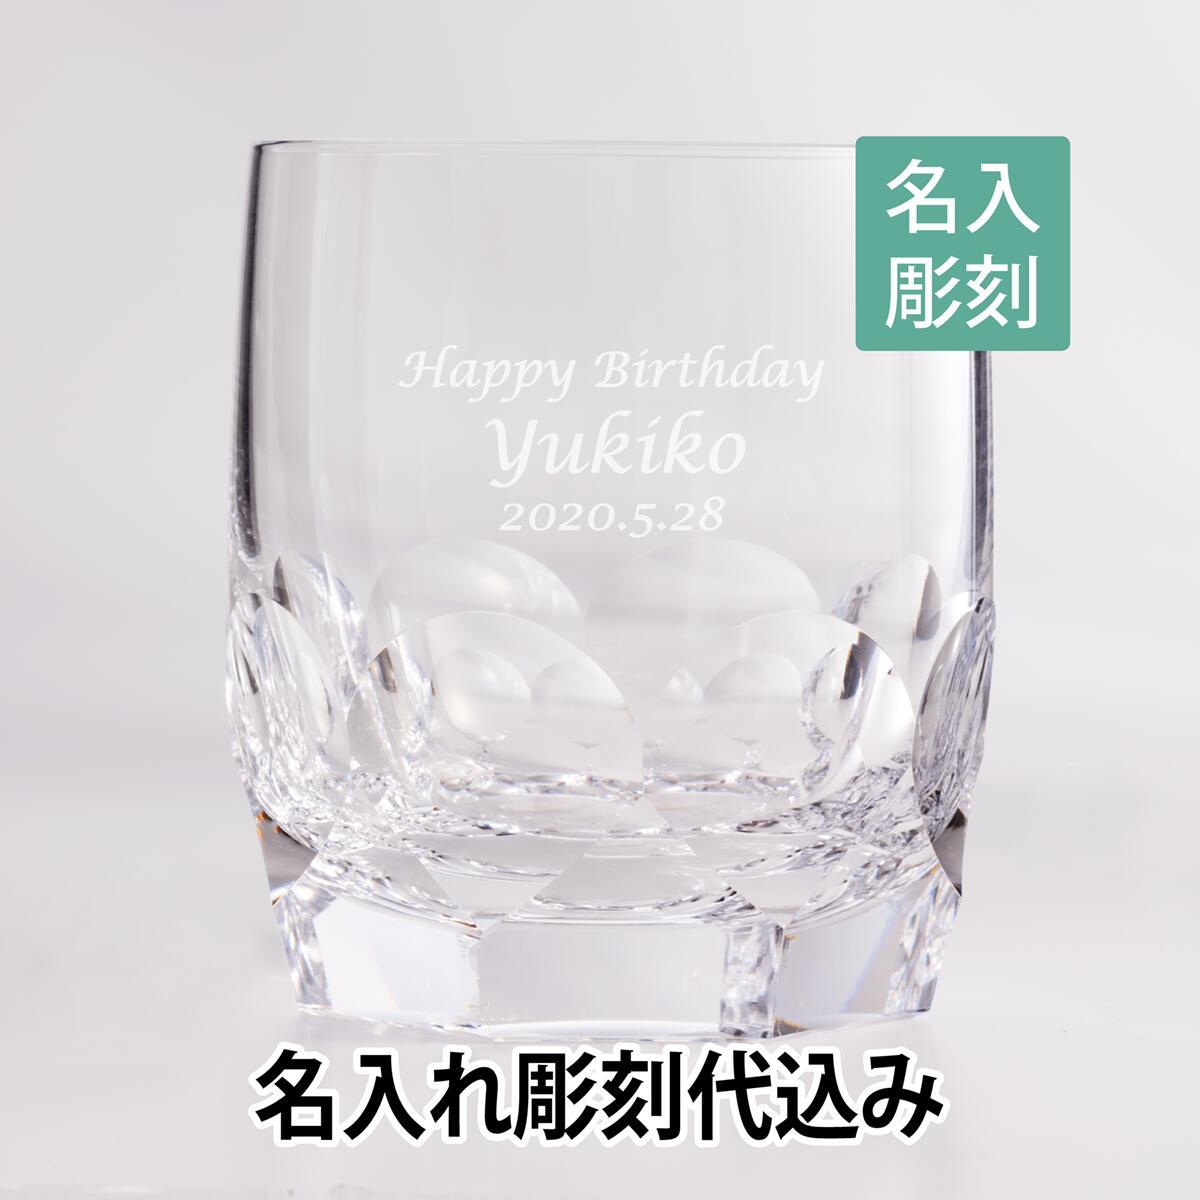 国際ブランド 国内の老舗ブランド KAGAMI のロックグラスに名入れします カガミクリスタル T117-F8 ロックグラス ブランド品 名入れ彫刻代込み